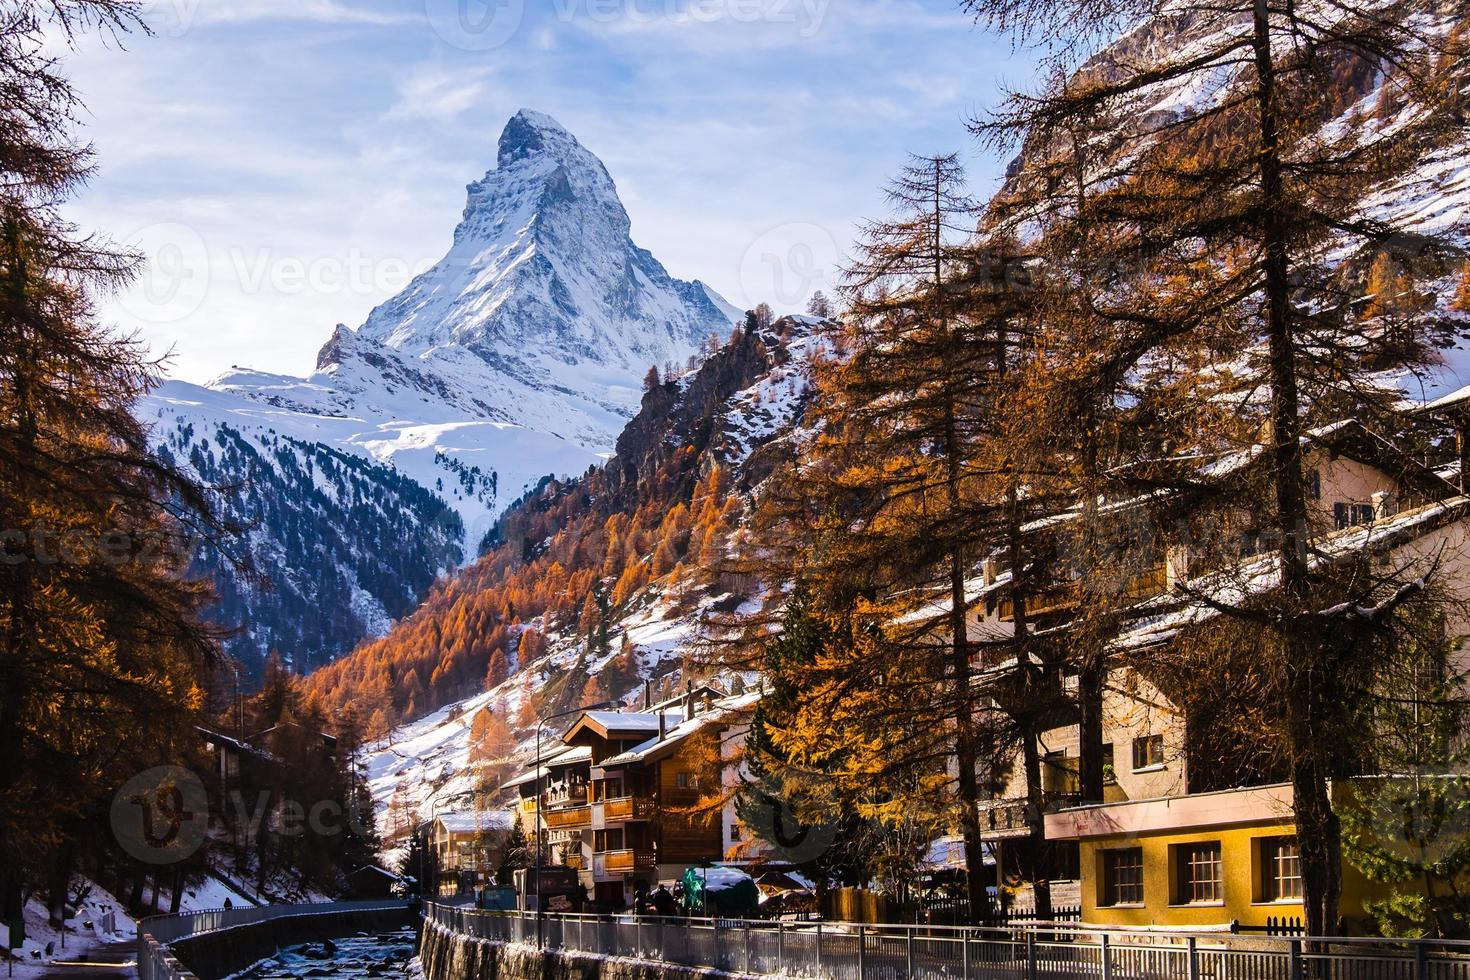 incrível matterhorn com cidade de zermatt, suíça foto